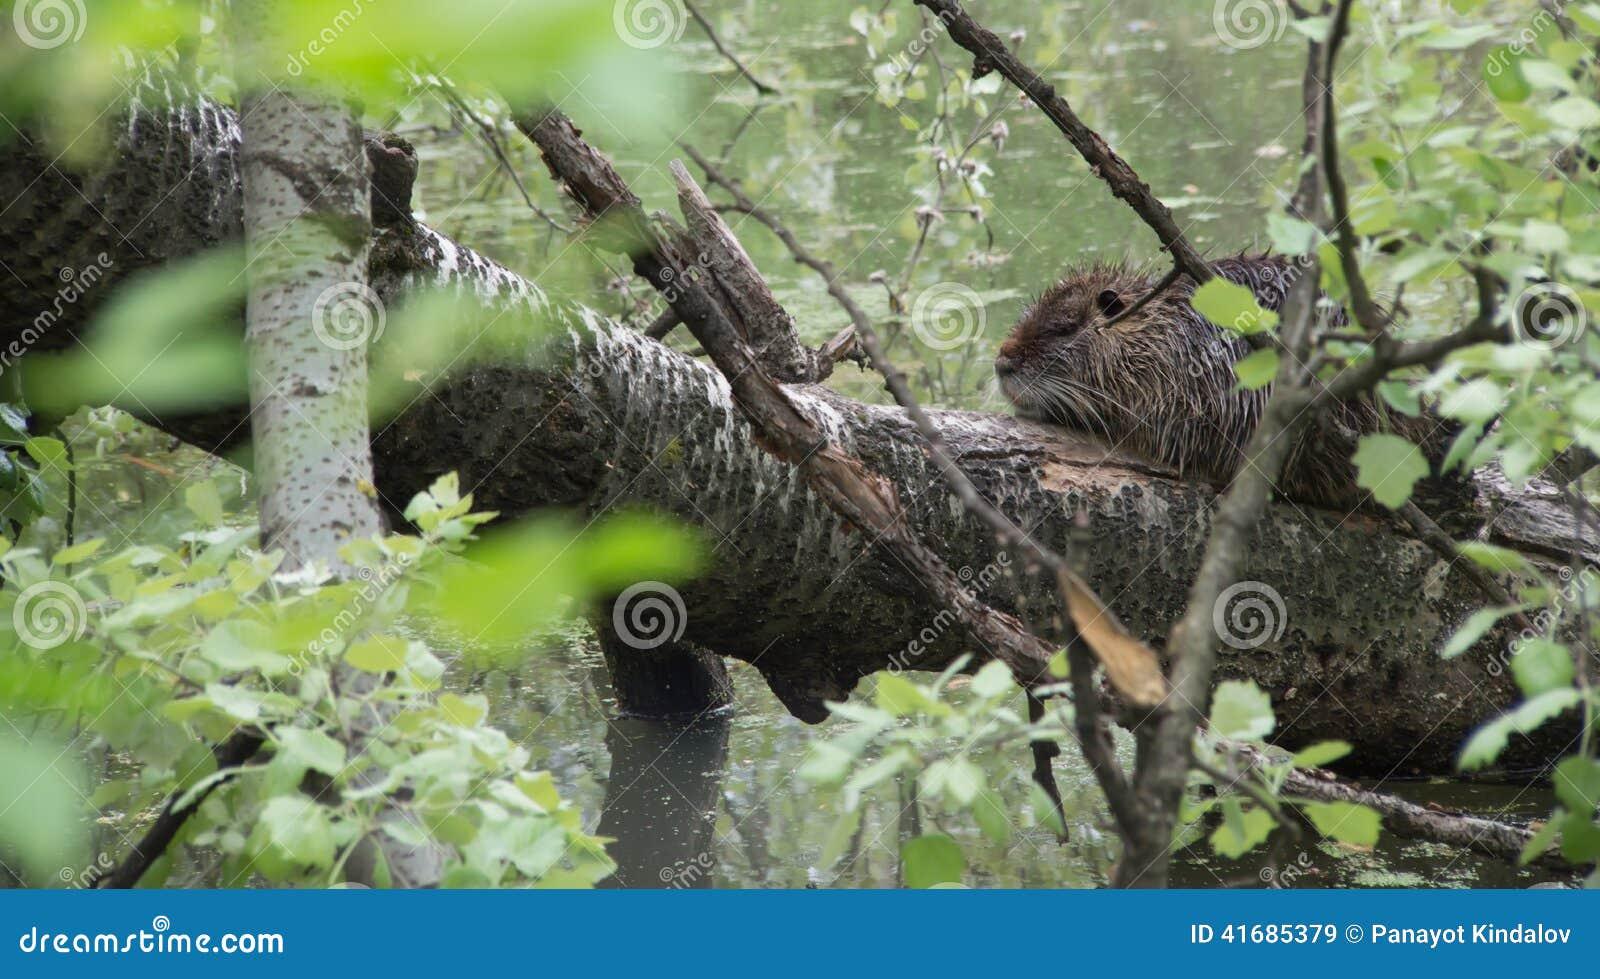 Nutria también conocido como coypu y rata del río